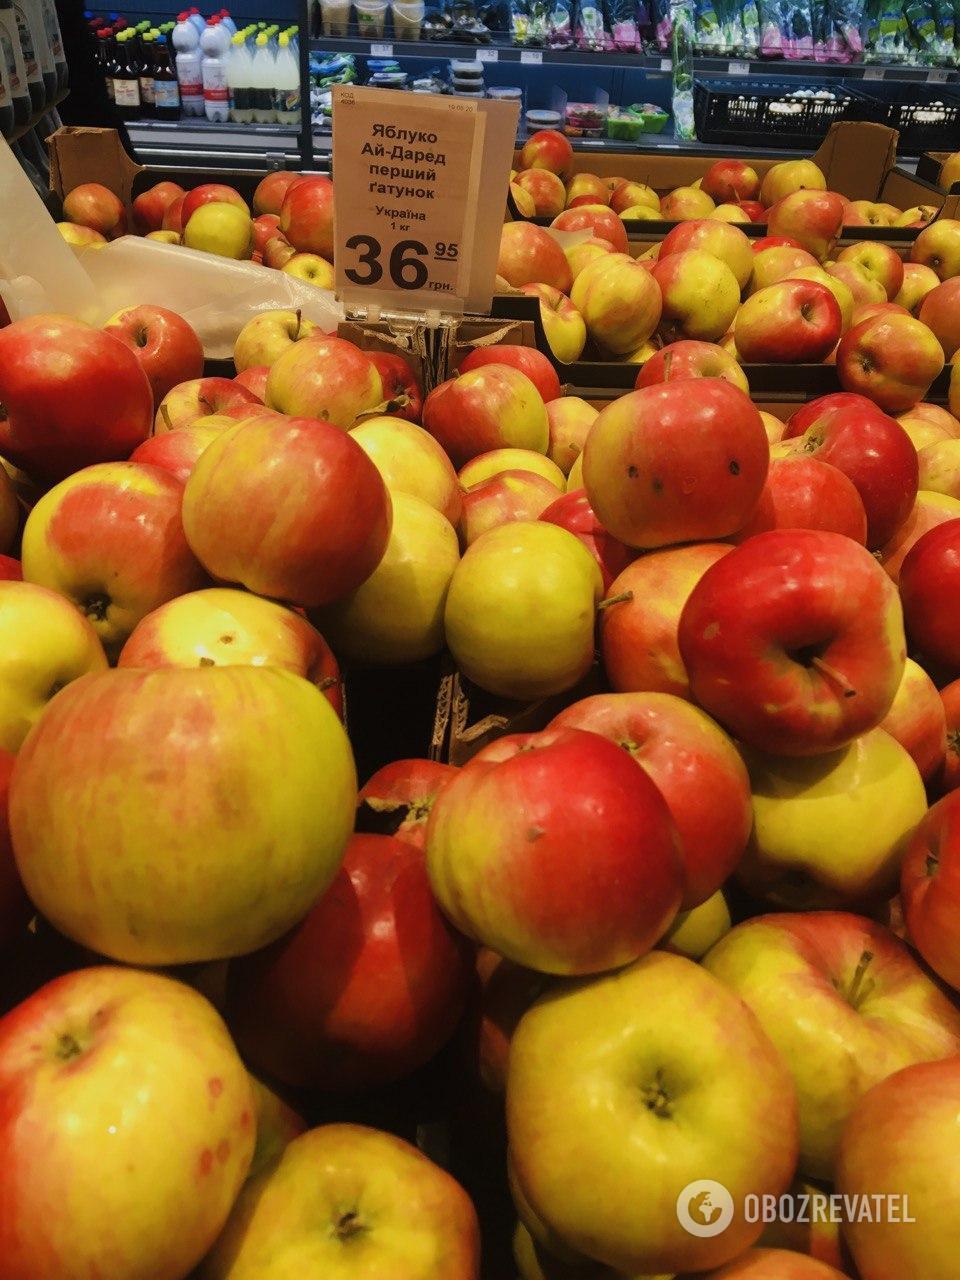 Яблоки стали дороже за последние несколько месяцев